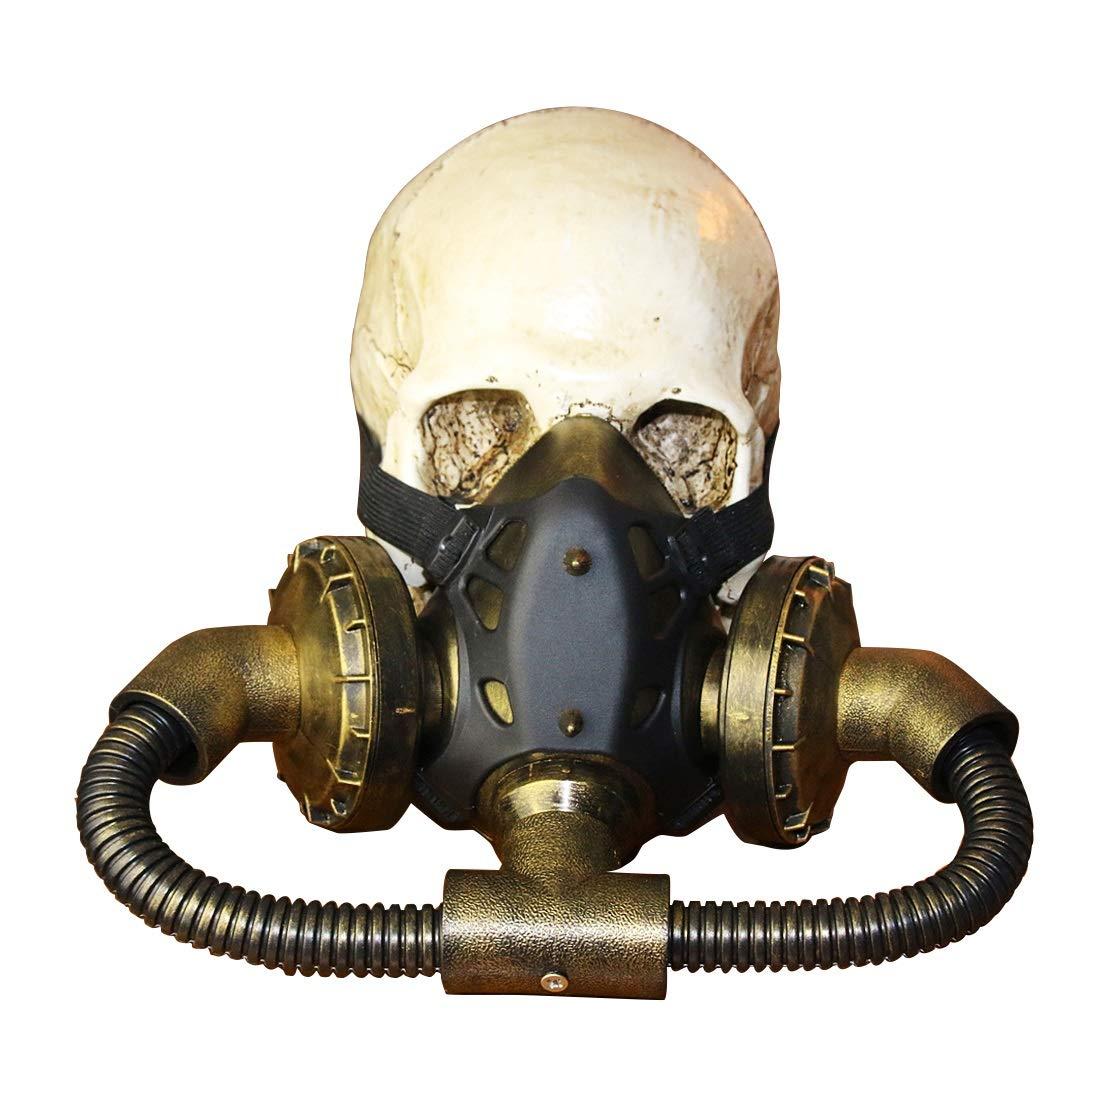 KERVINFENDRIYUN YY4 Biohazard Steampunk Gasmaske Goggles Spikes Skeleton Krieger Death Mask Masquerade Cosplay Halloween Kostüm Requisiten (Farbe : Bronze)